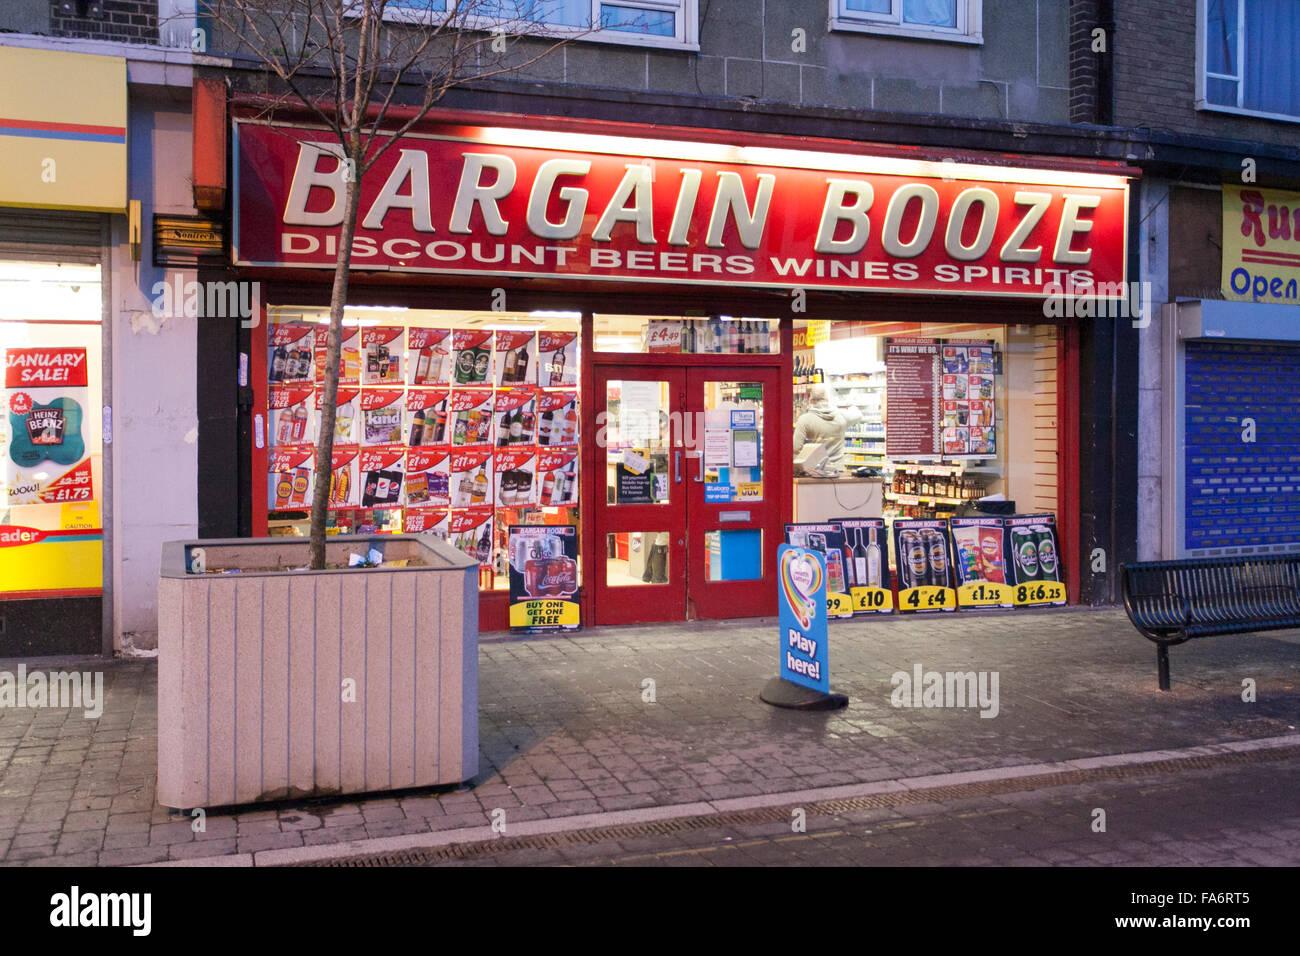 Bargain Booze shop - Stock Image